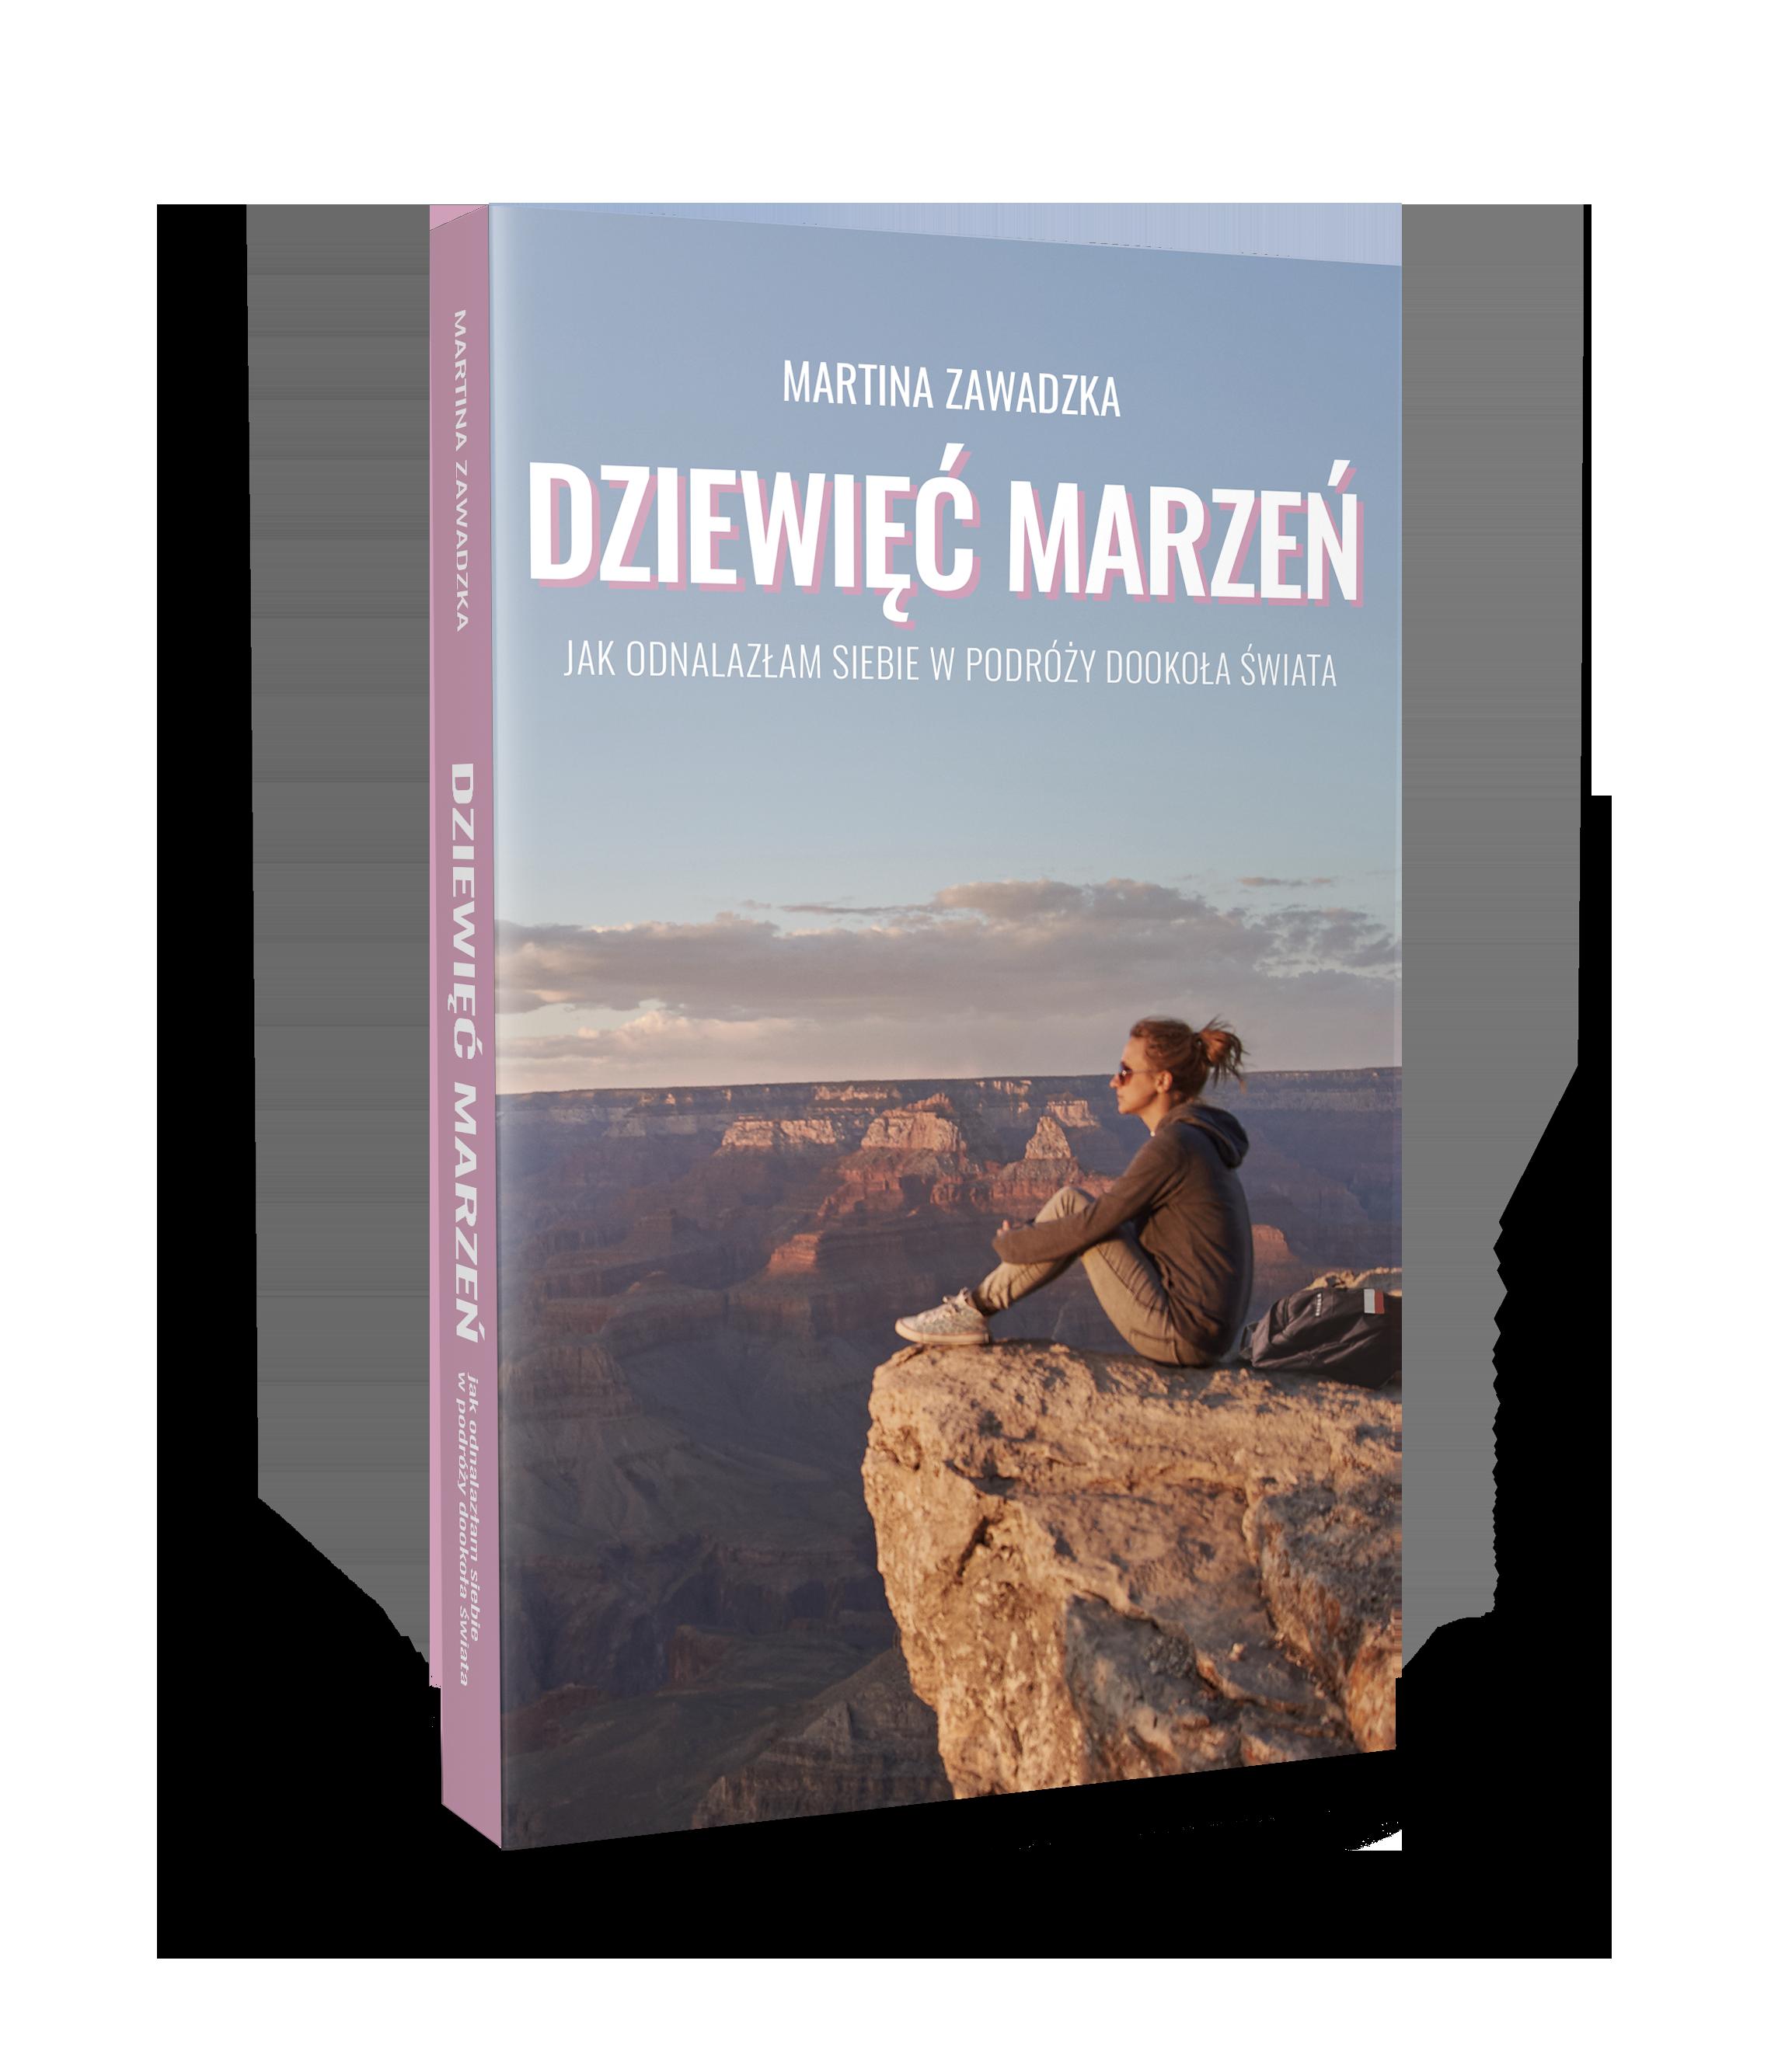 książka Martina Zawadzka